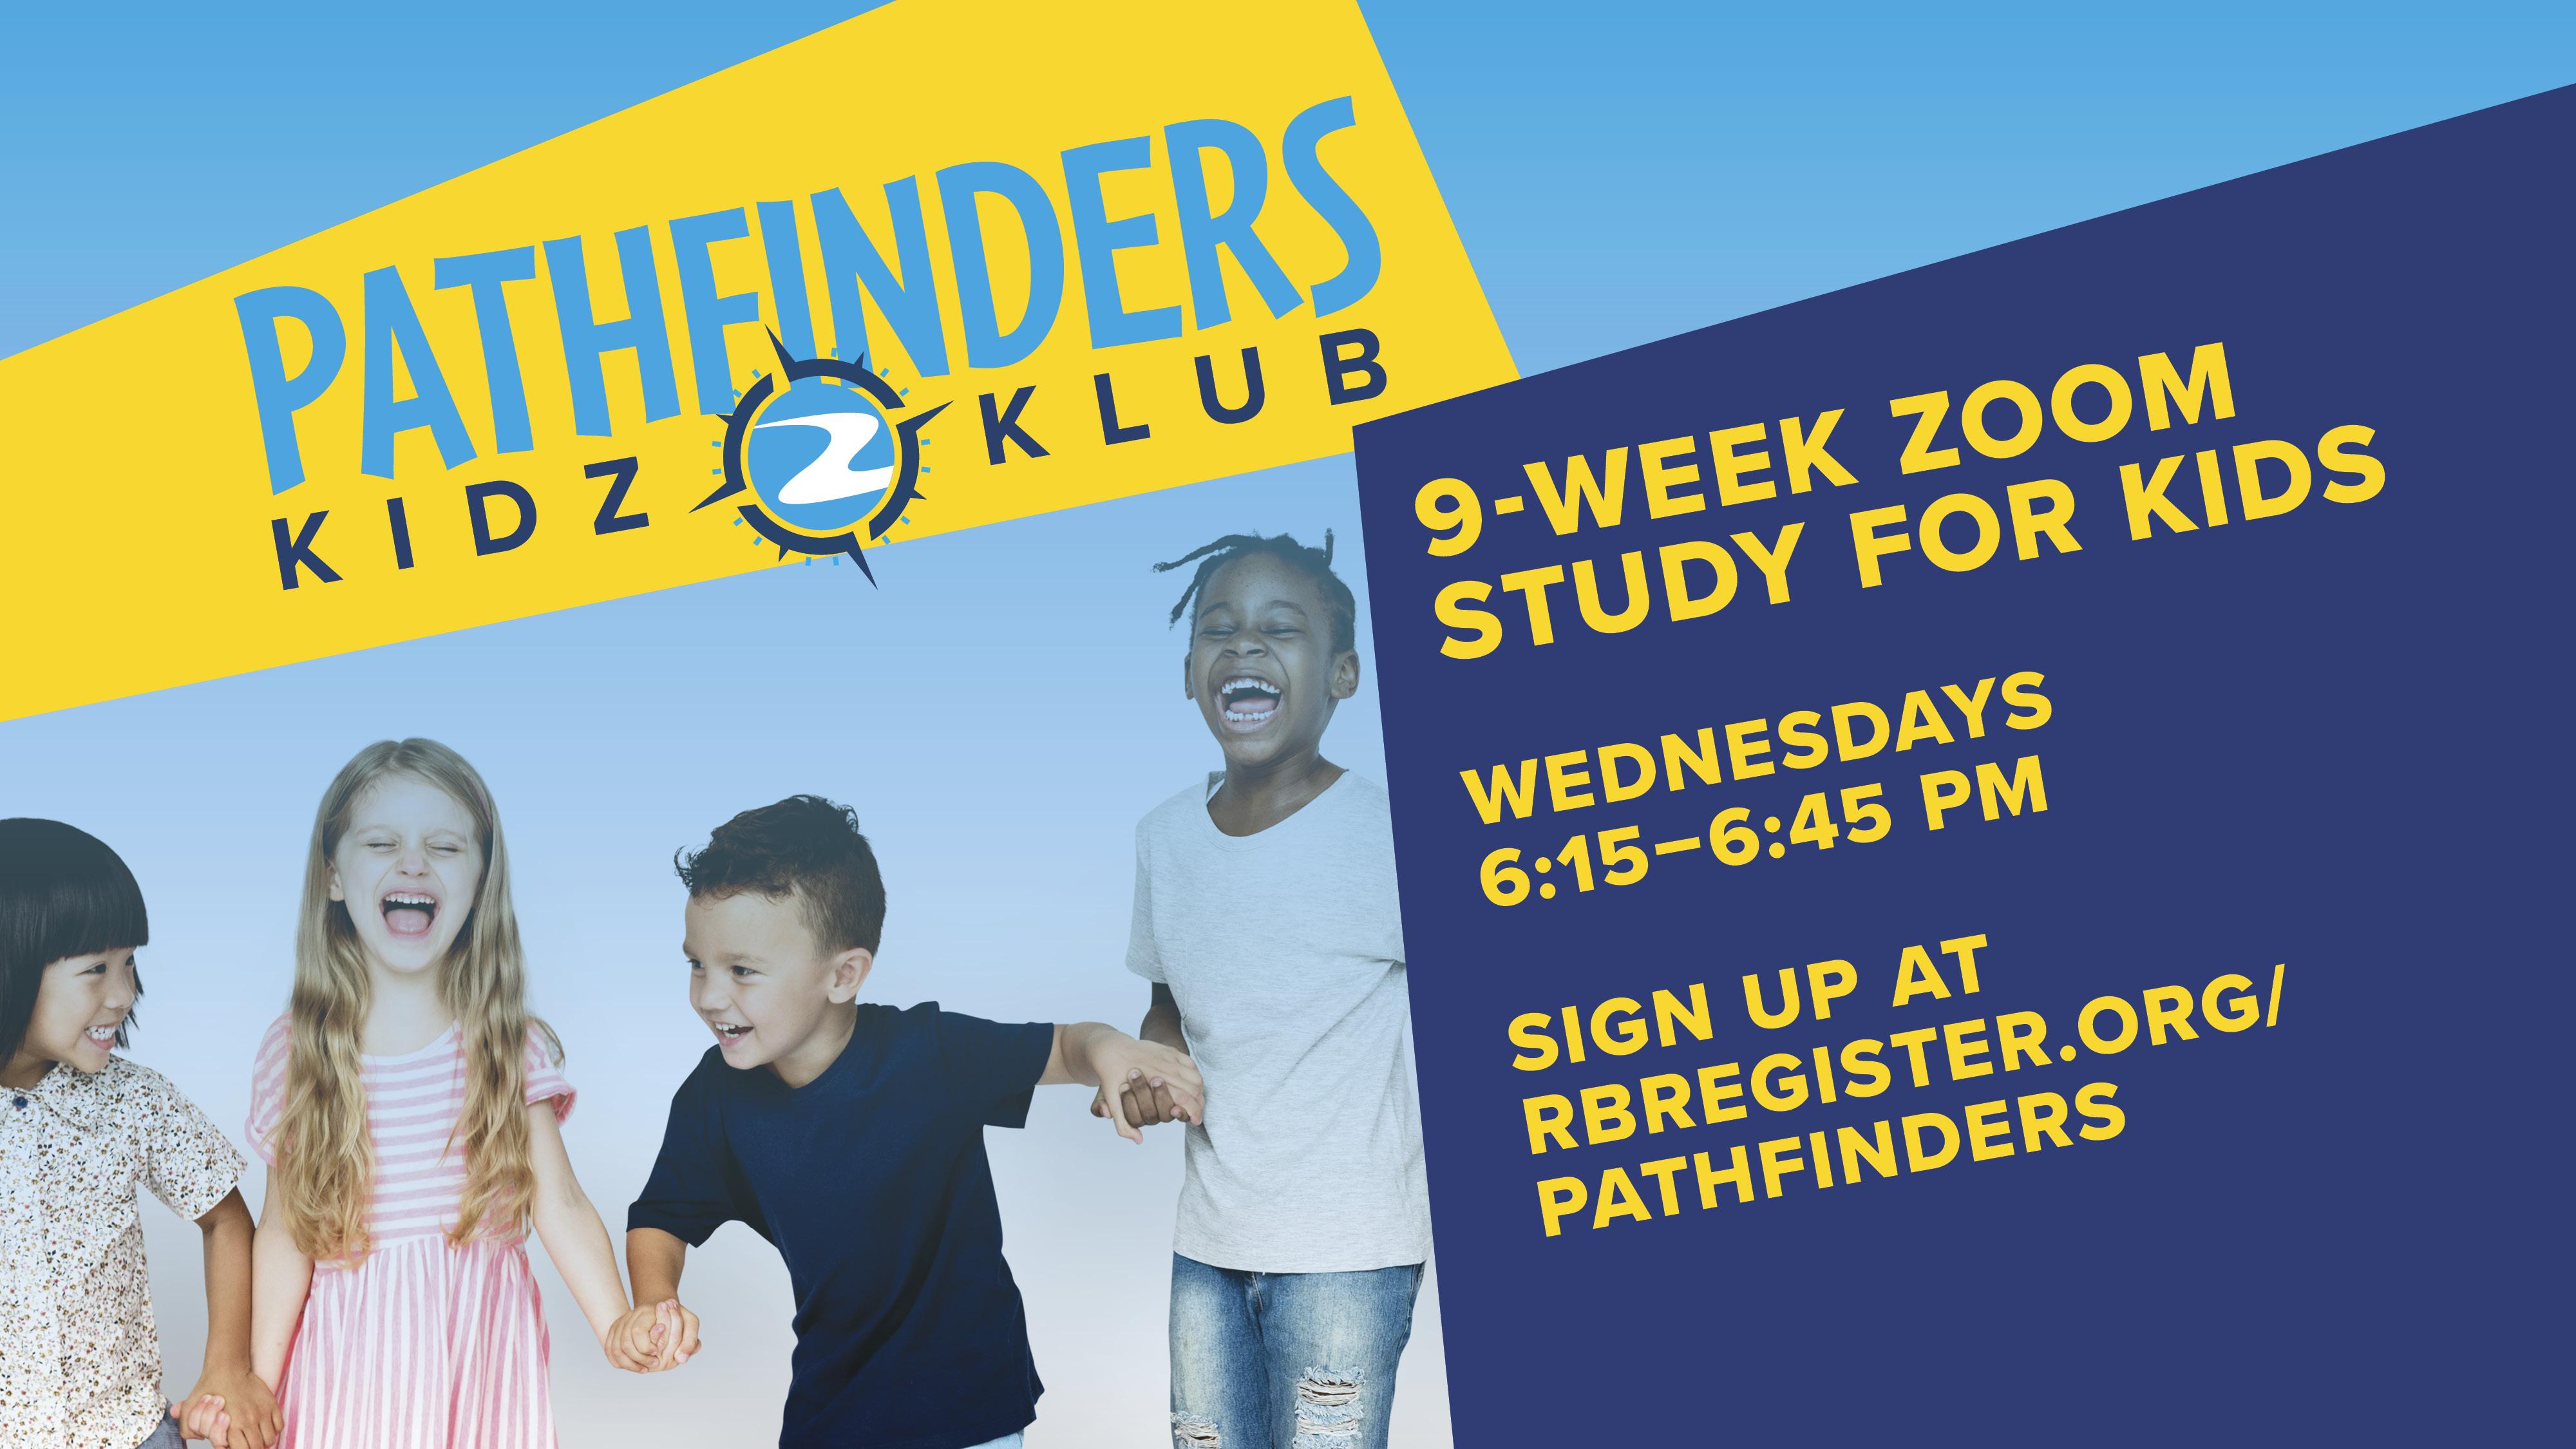 Pathfinders Kidz Klub  Zoom Study class=